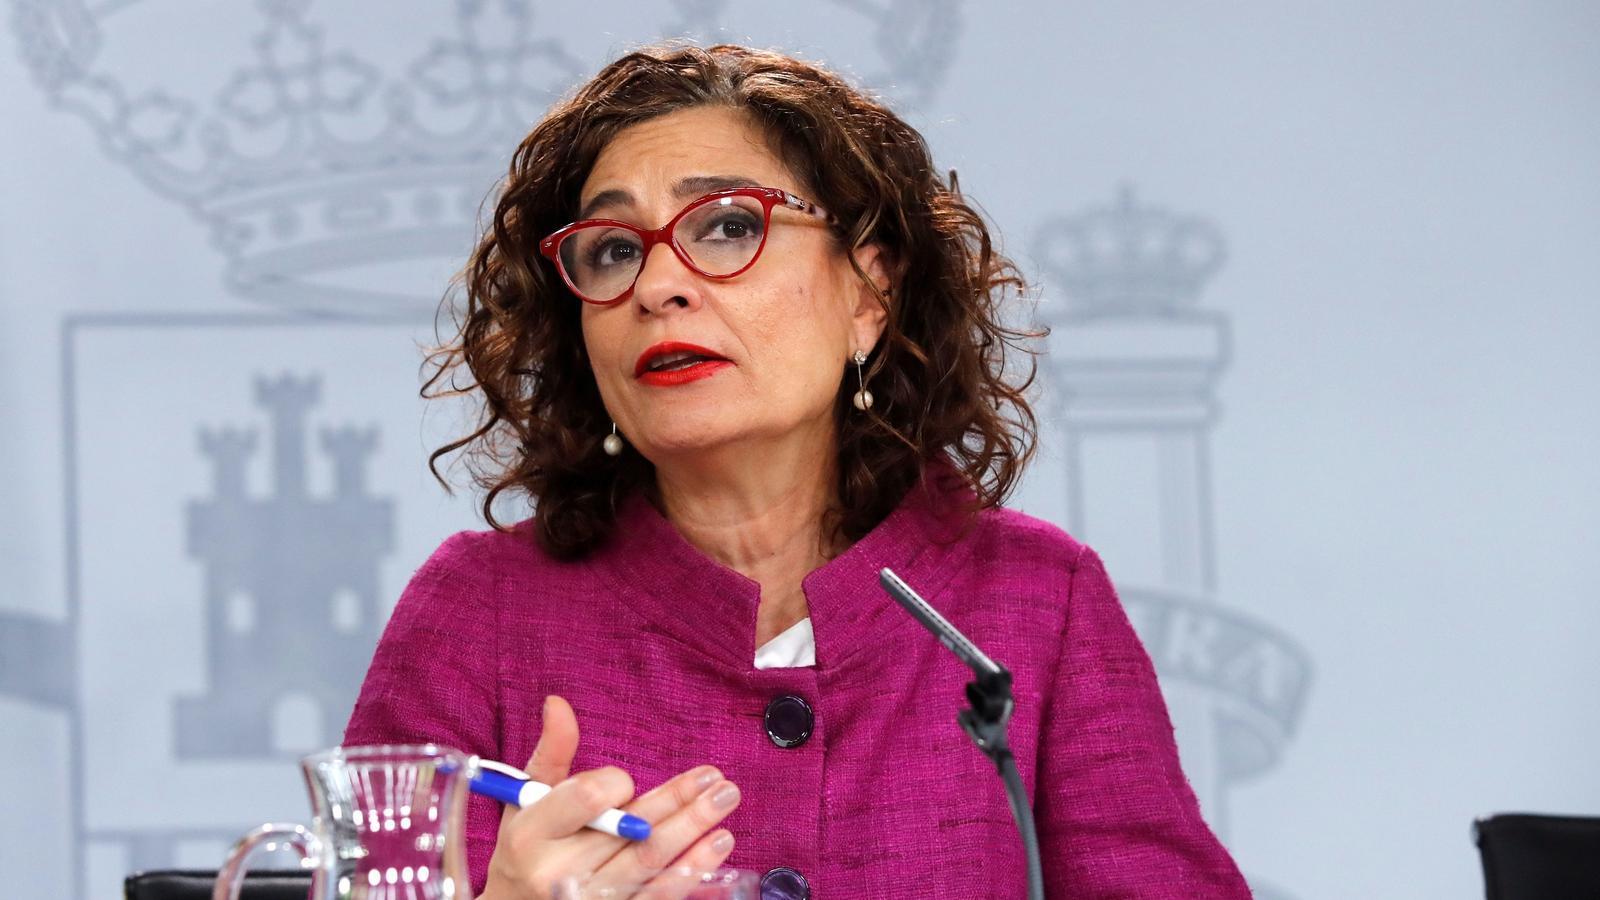 La ministra portaveu del govern espanyol i titular d'Hisenda, María Jesús Montero, durant la roda de premsa posterior al consell de ministres.